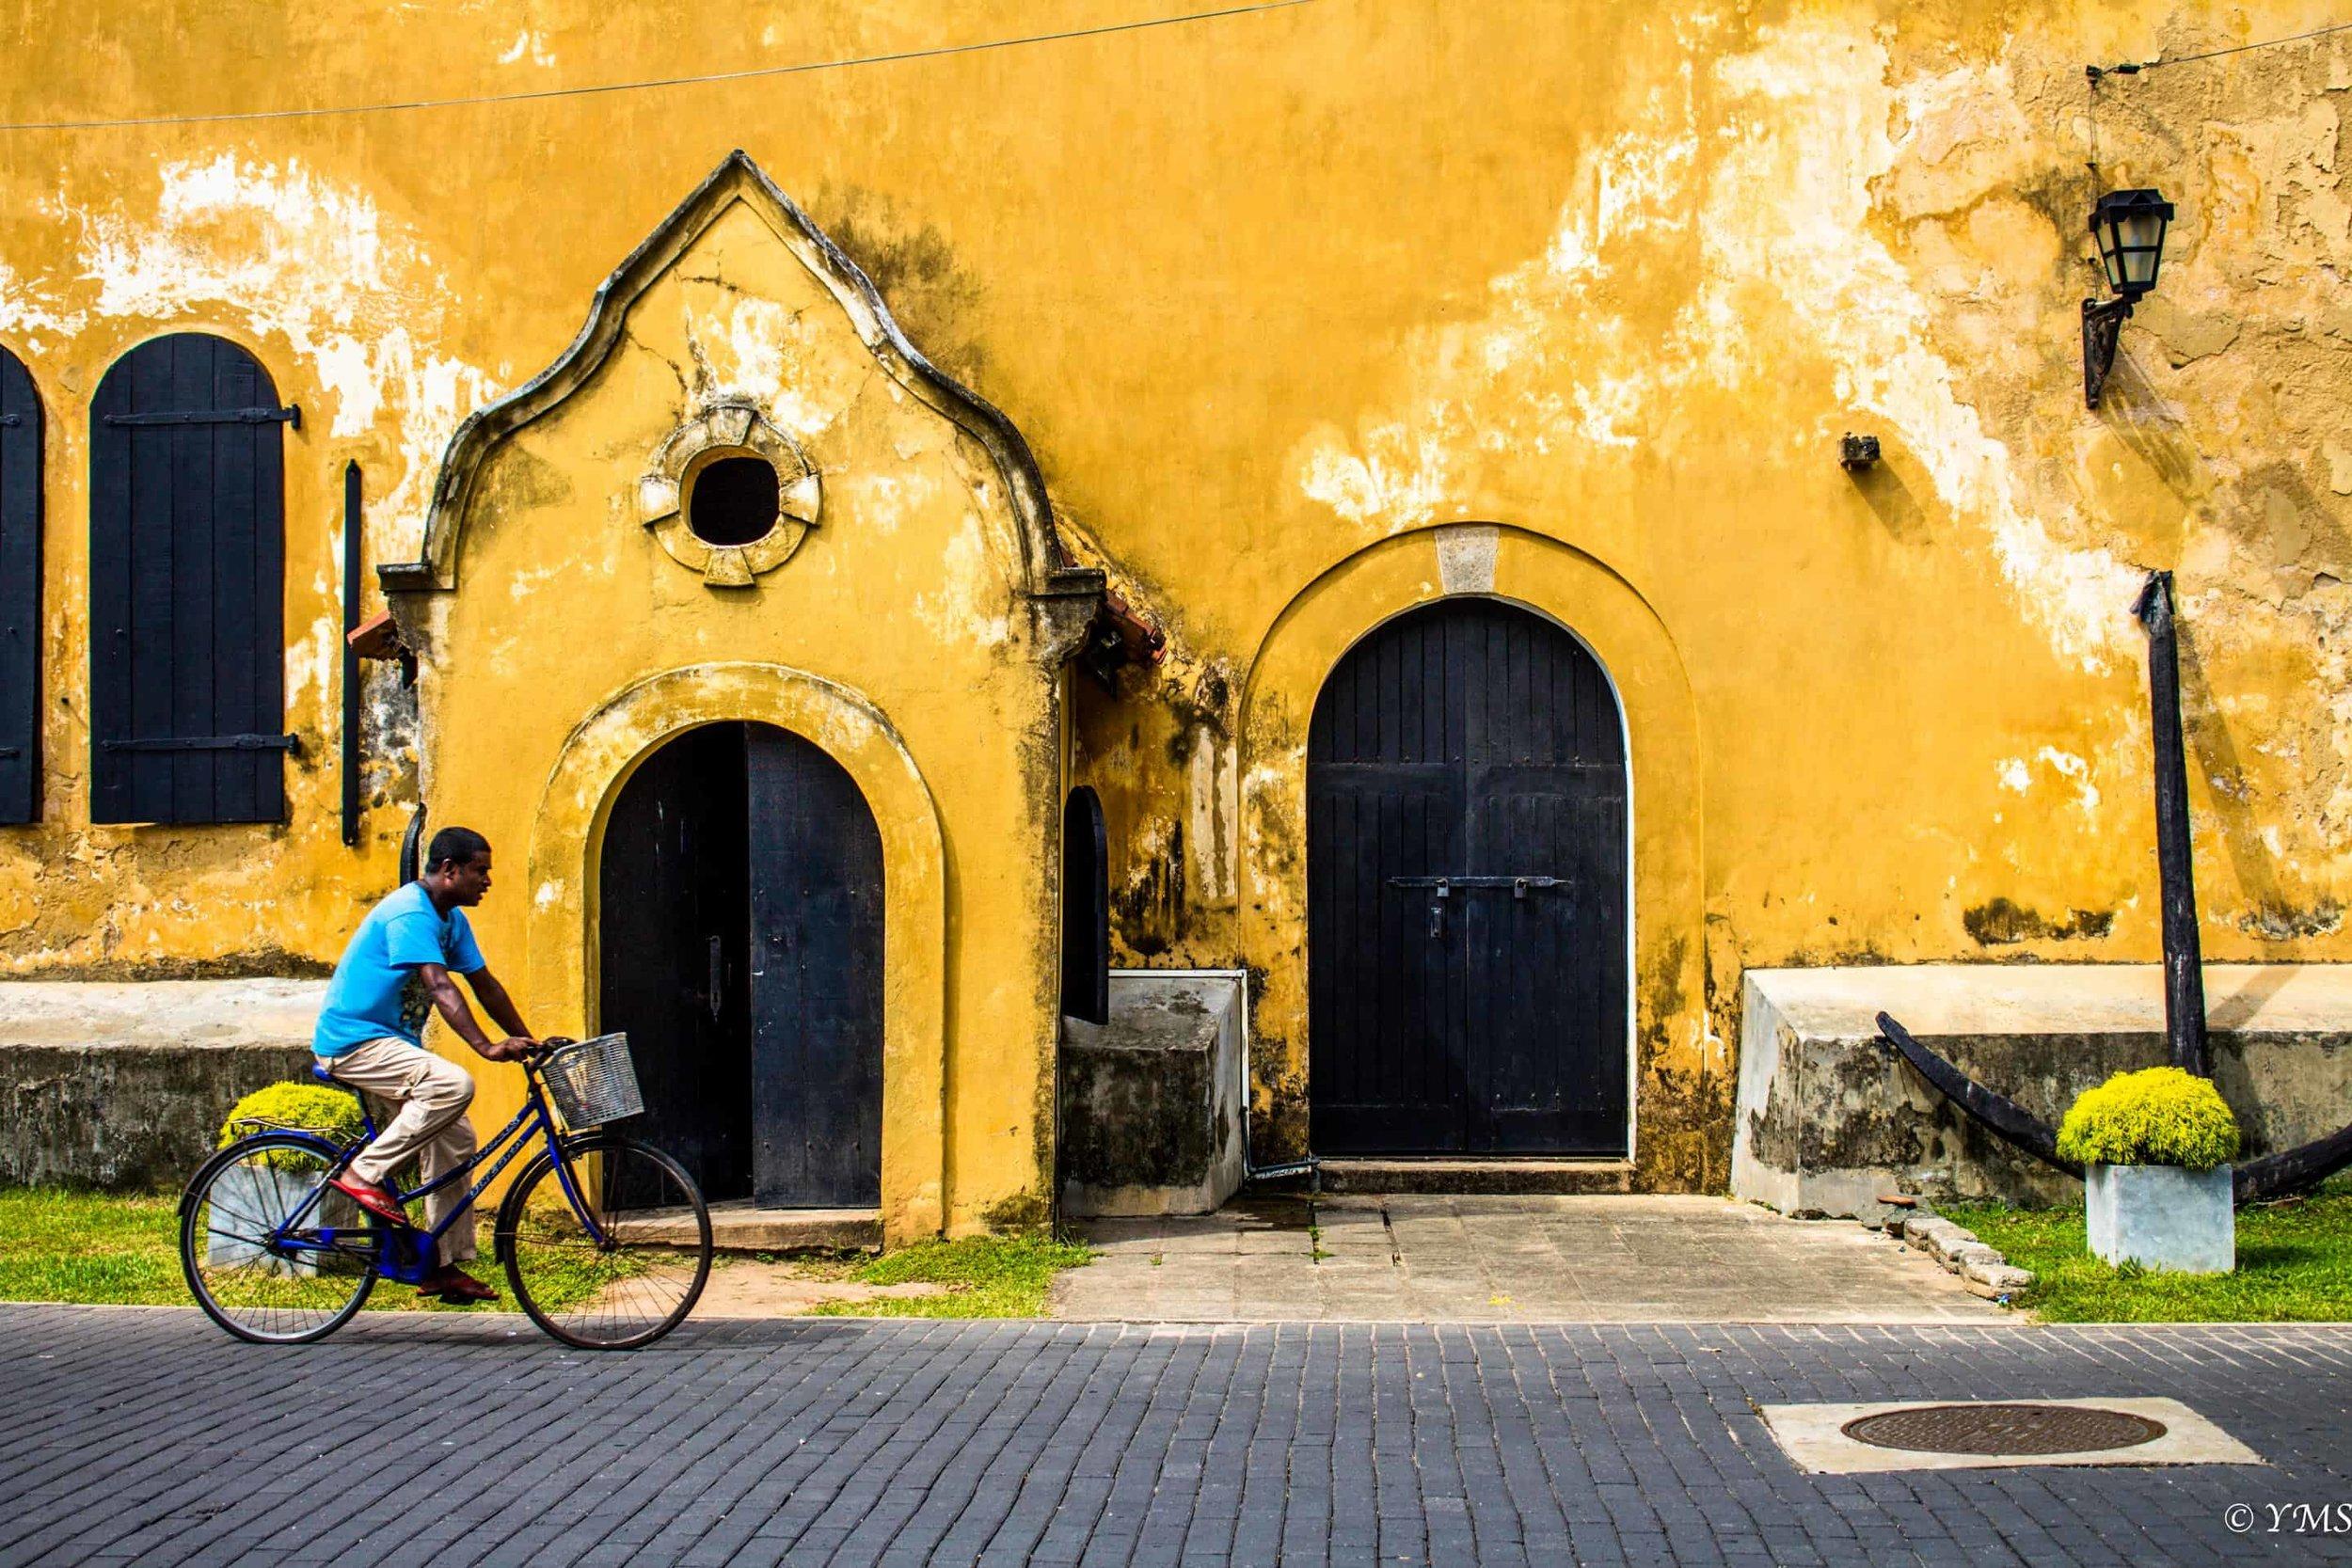 Sri-Lanka-Galle-Fort.jpg